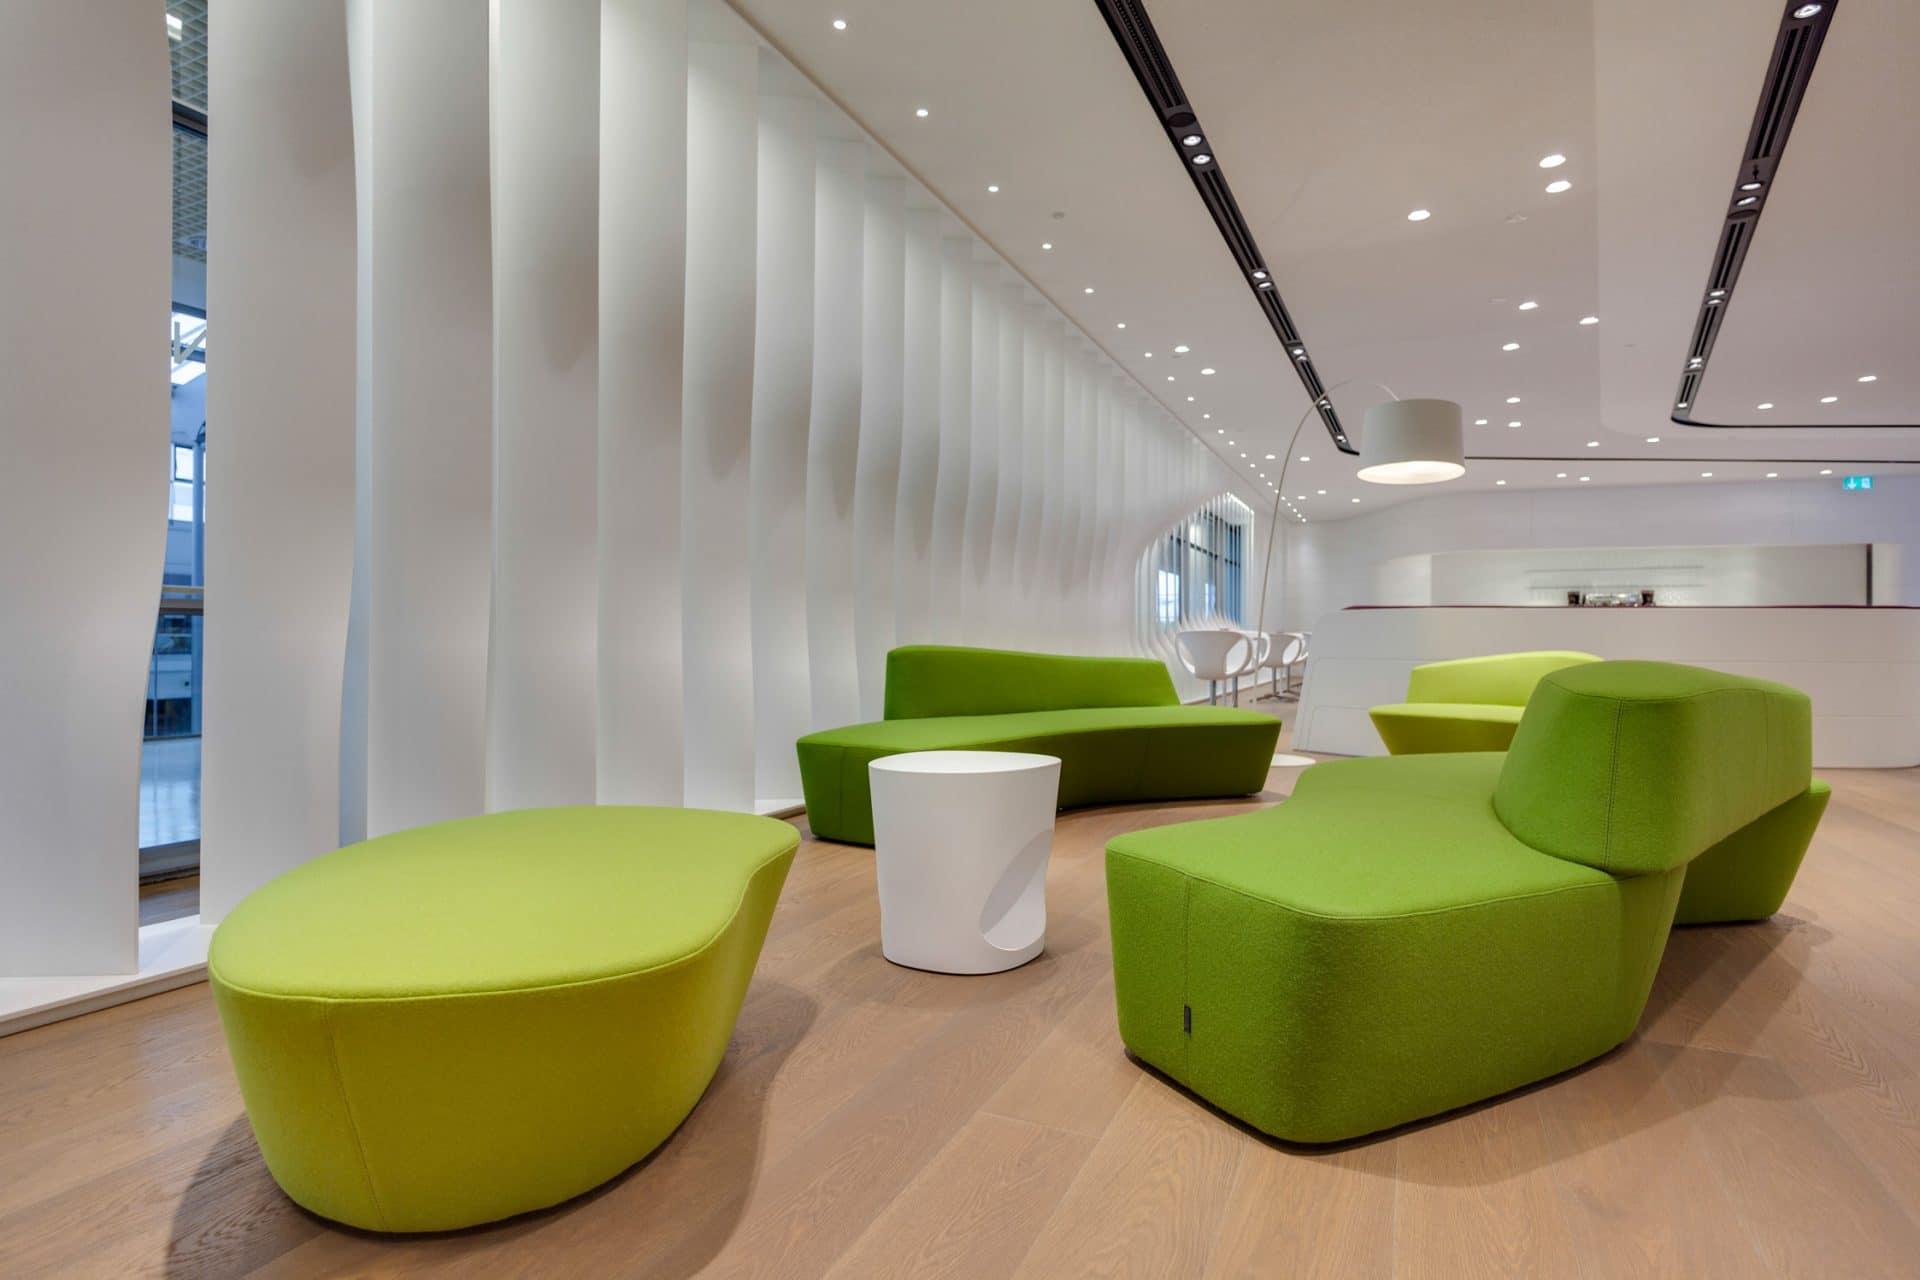 Bavaria Lounge in der Messe München, grüne Sitzmöbel, weißer Tresen und weißer Sichtschutz an den Fenstern